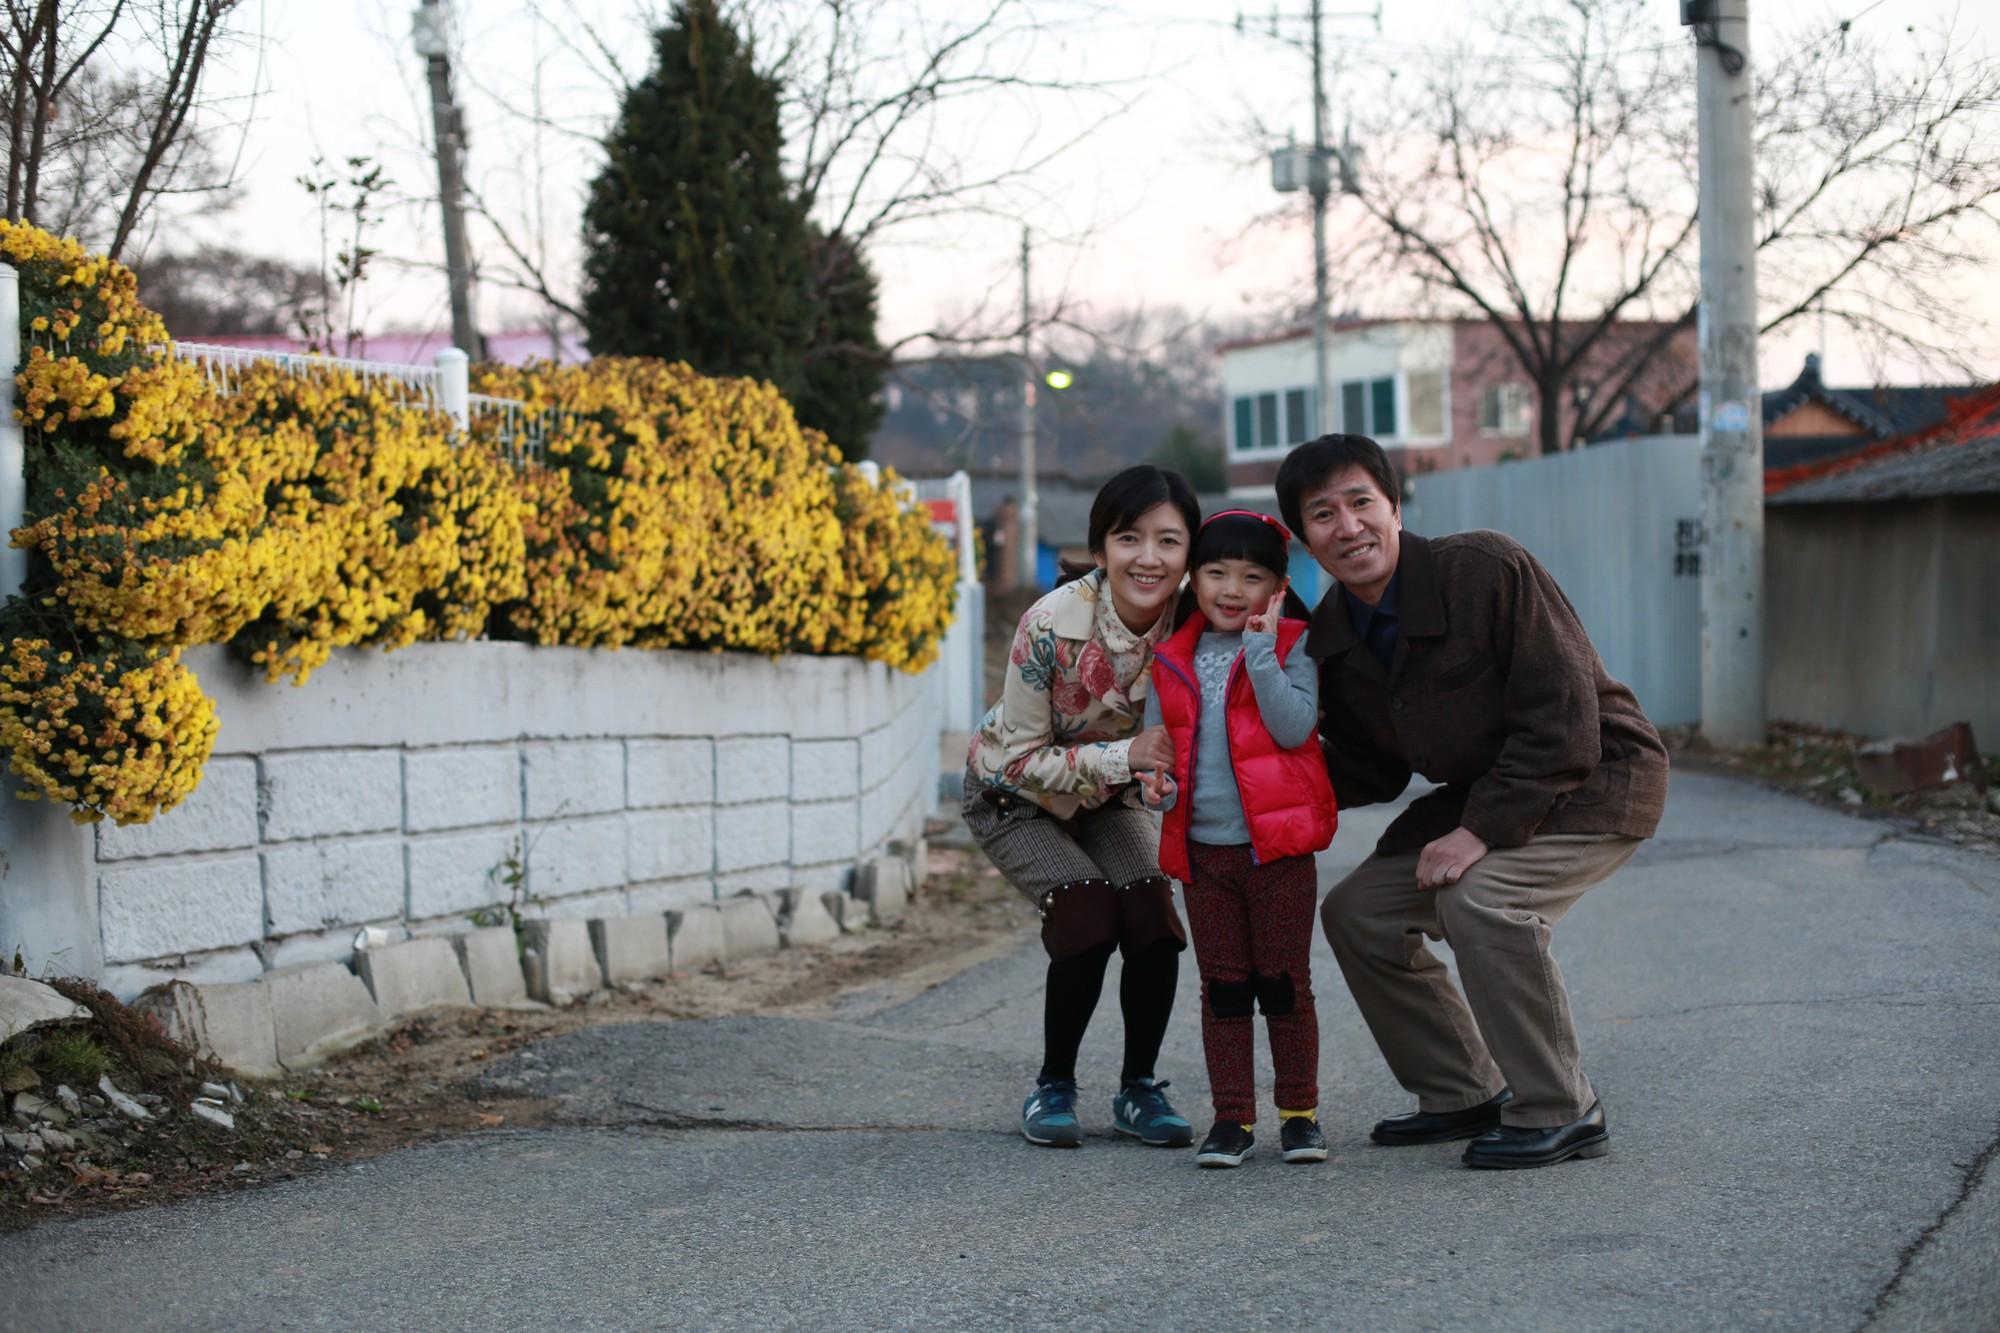 5 phim điện ảnh Hàn tháng 7 mở màn mùa bom tấn hè 2018 - Ảnh 10.